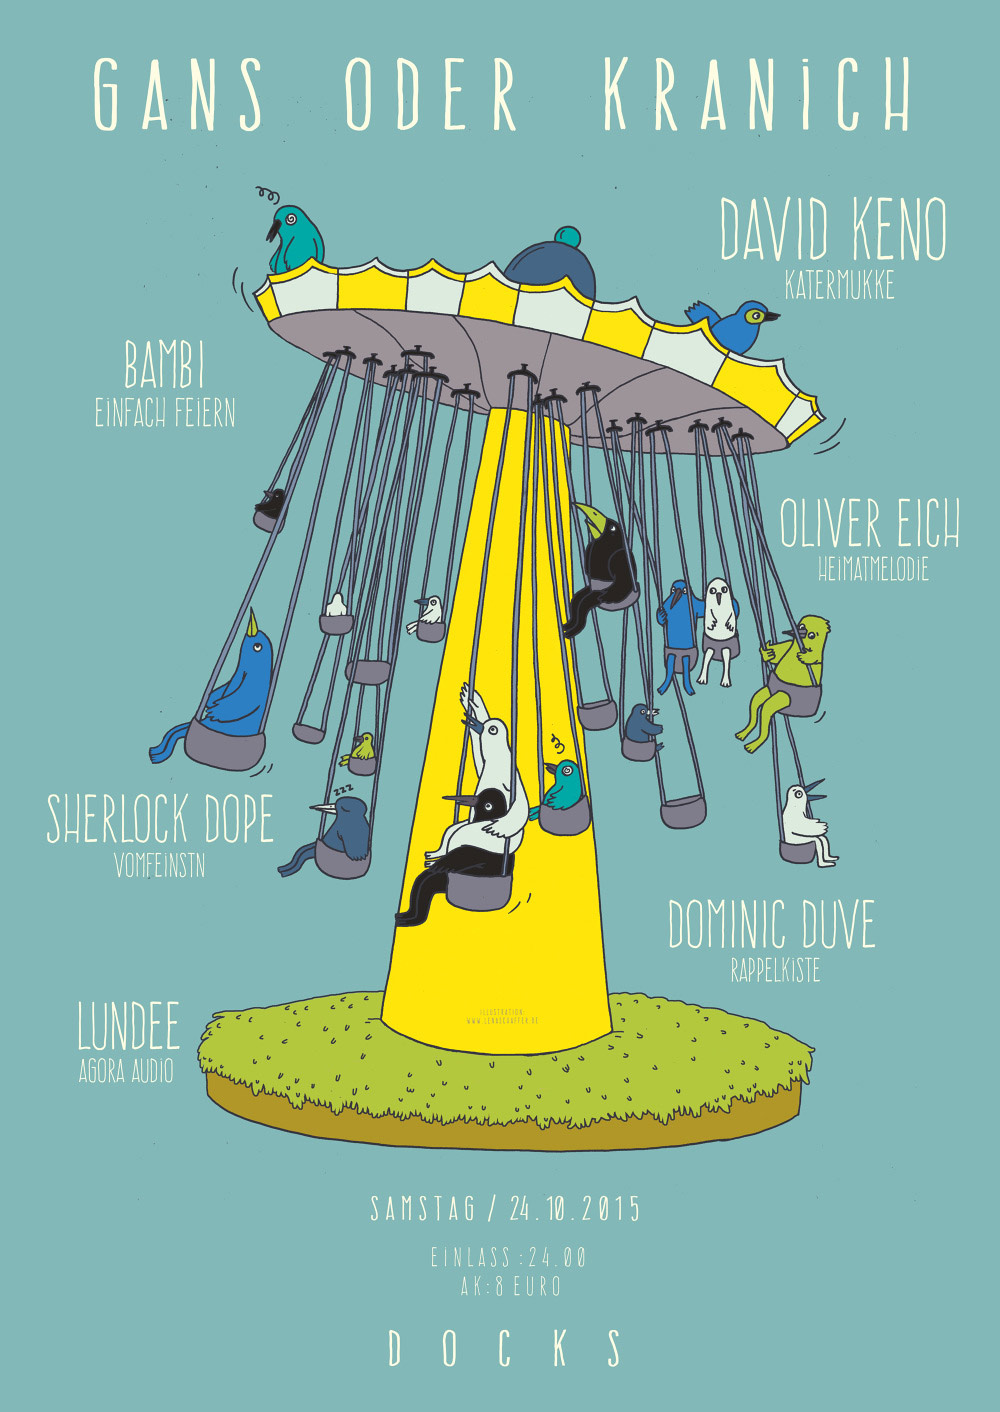 Lena Schaffer gestaltet seit 2014 zauberhafte Plakate für die Techno-Party-Reihe »Gans oder Kranich« im Hamburger Docks